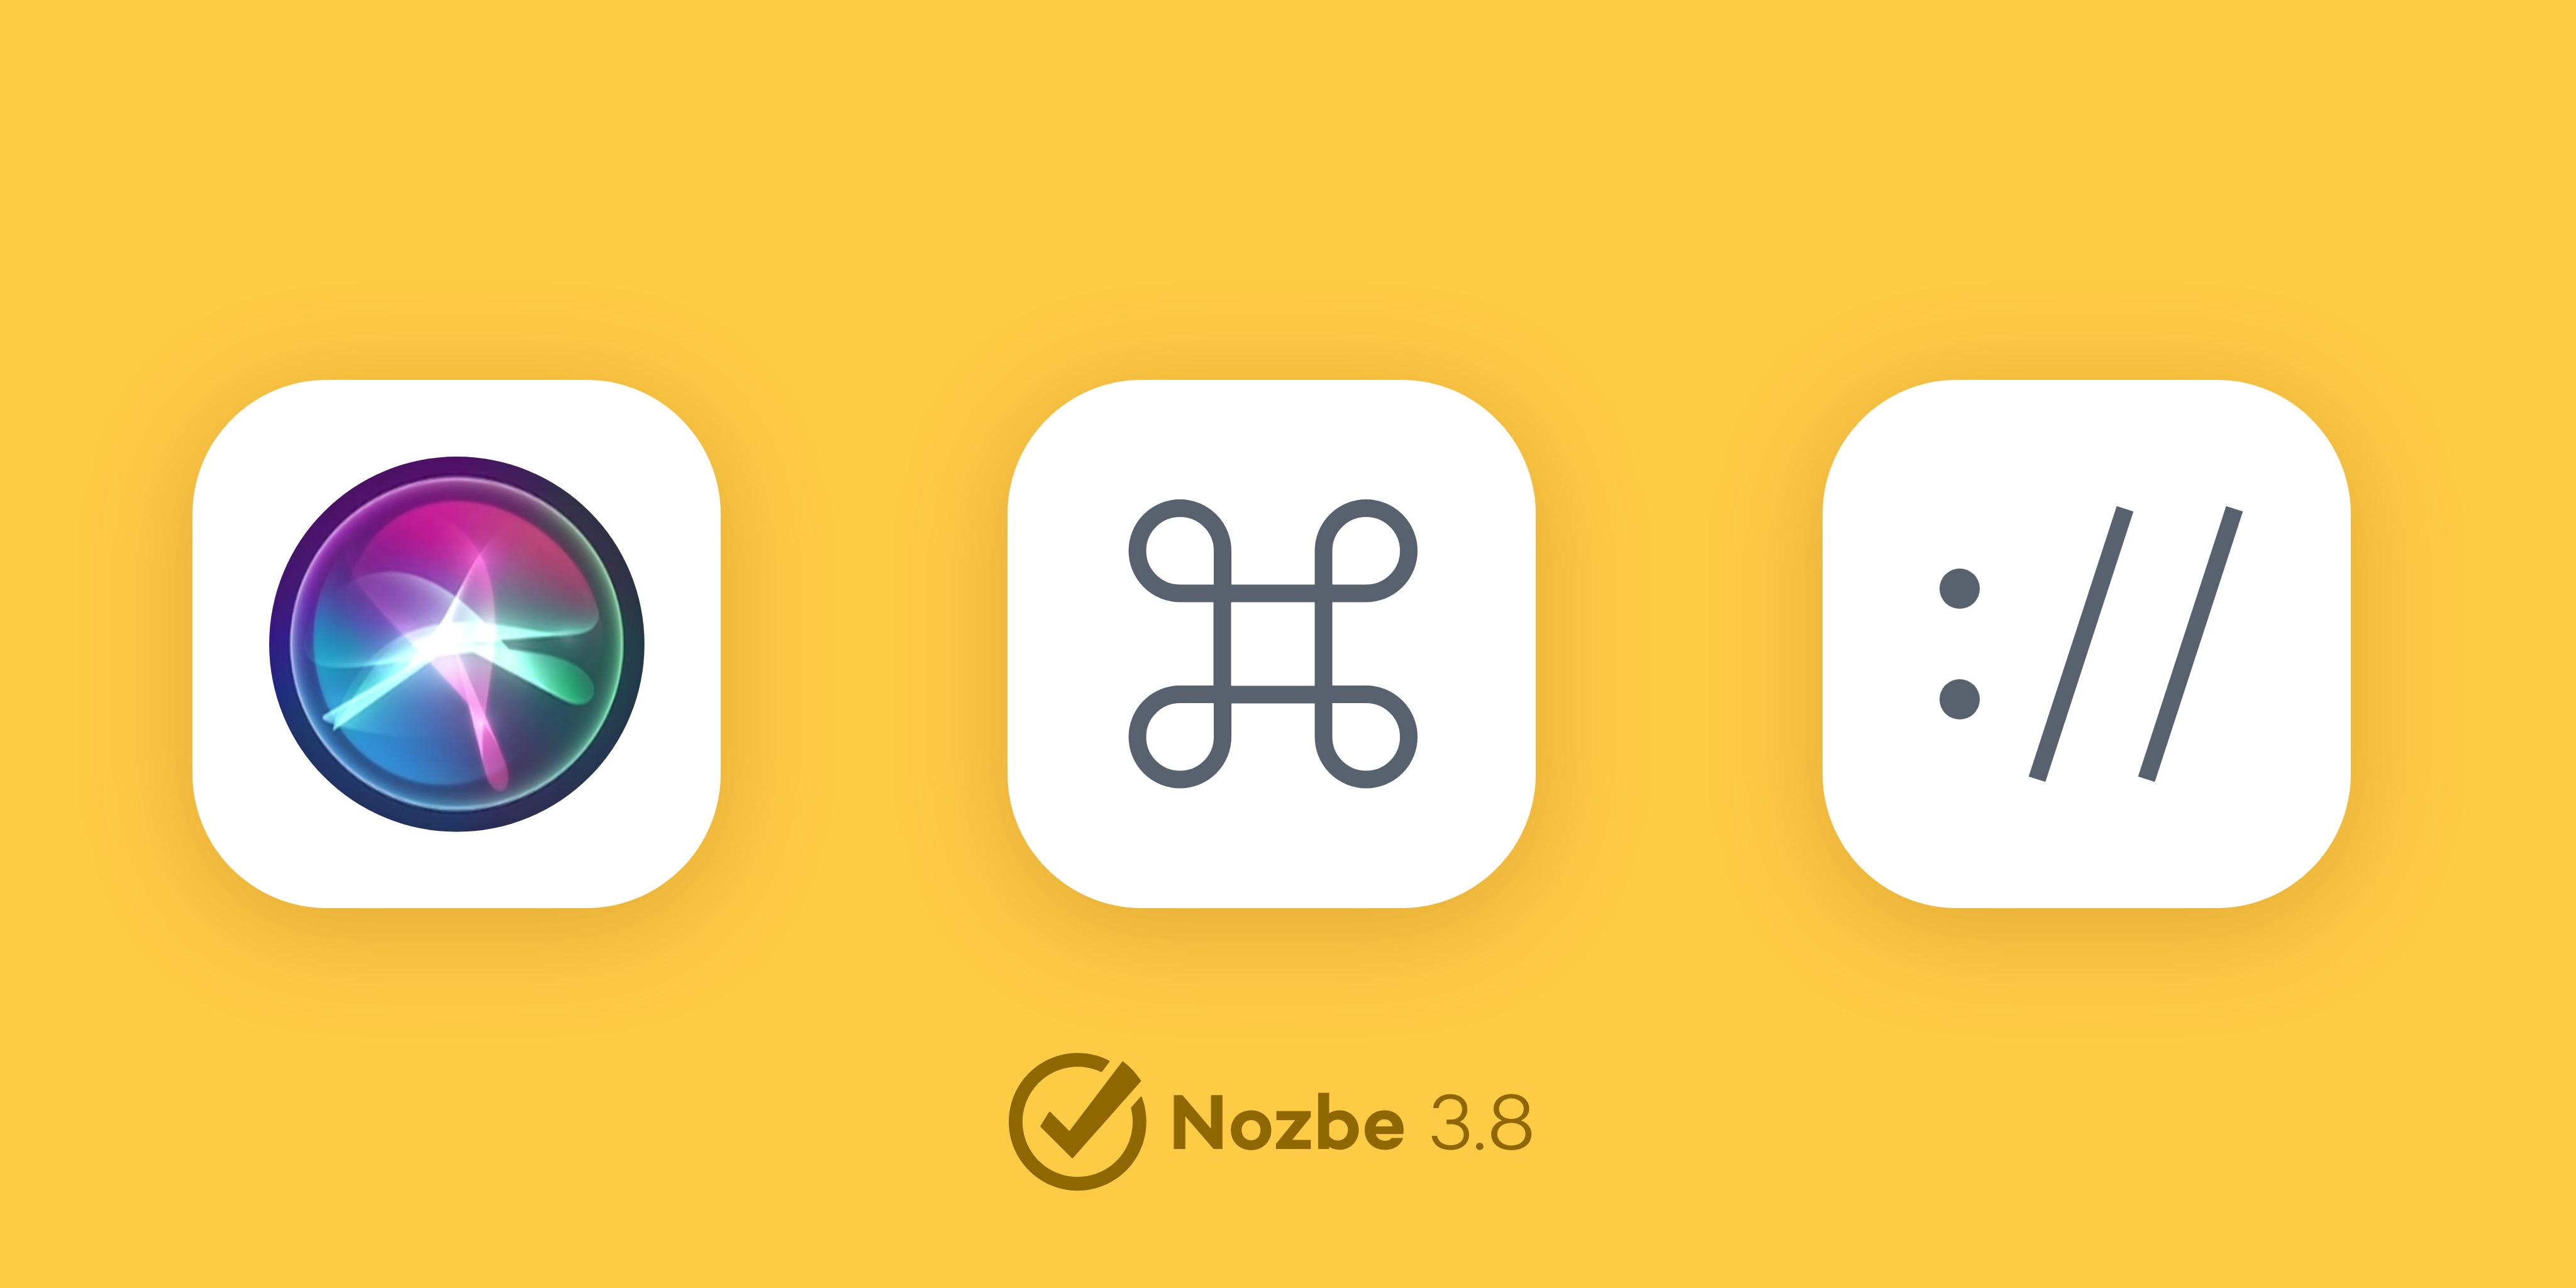 全新的Nozbe 3.8